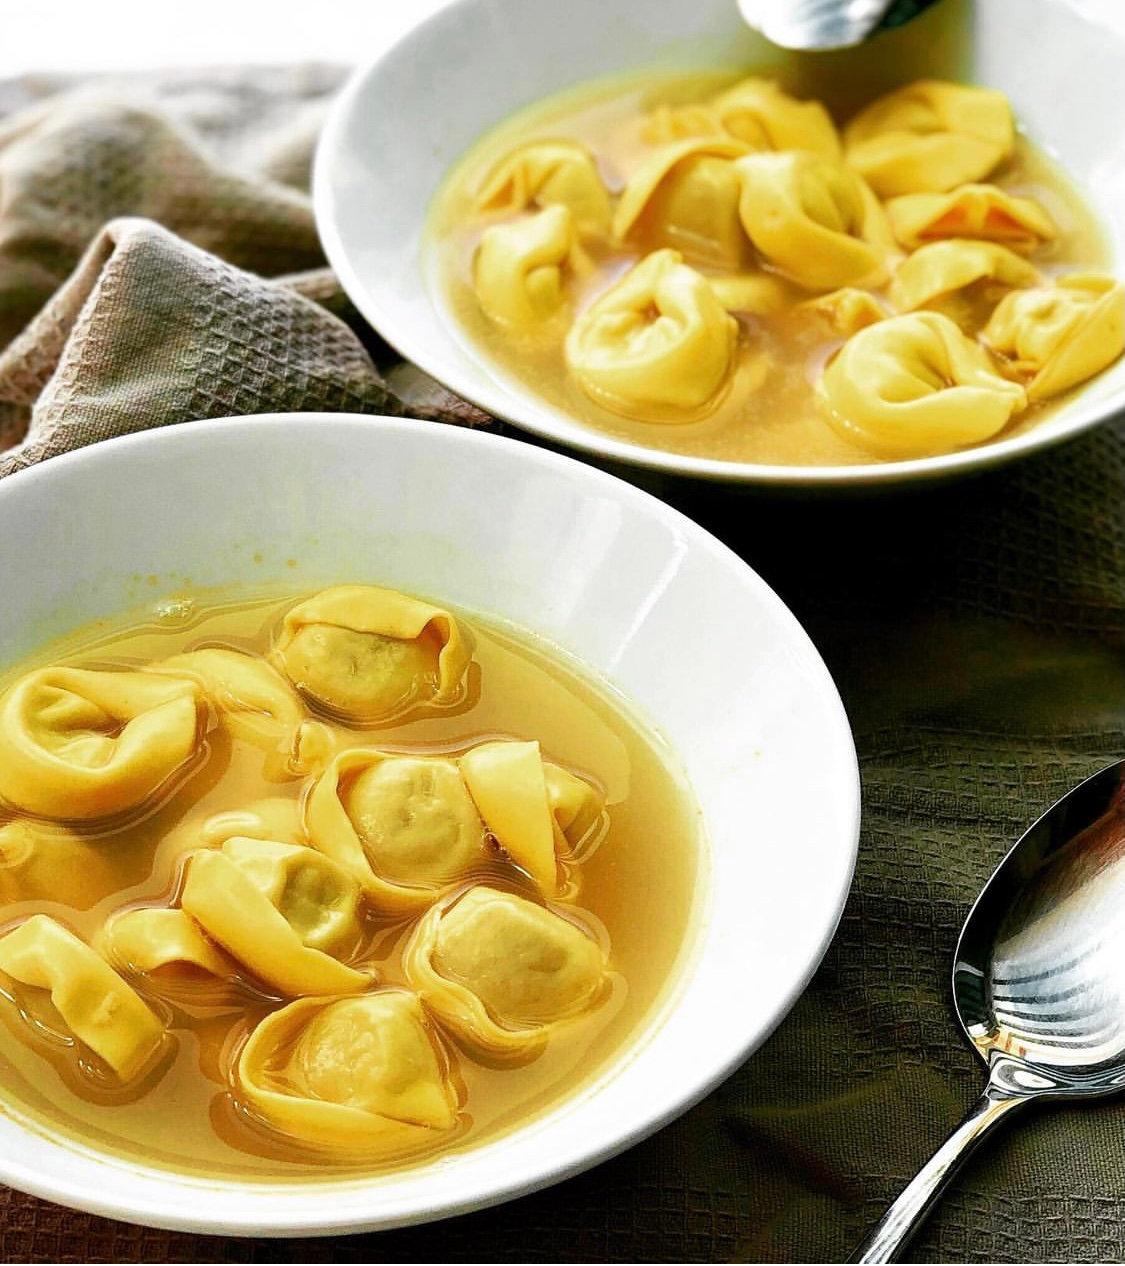 自家製トルテッリーニのスープ、ヌテッラのロールケーキ等